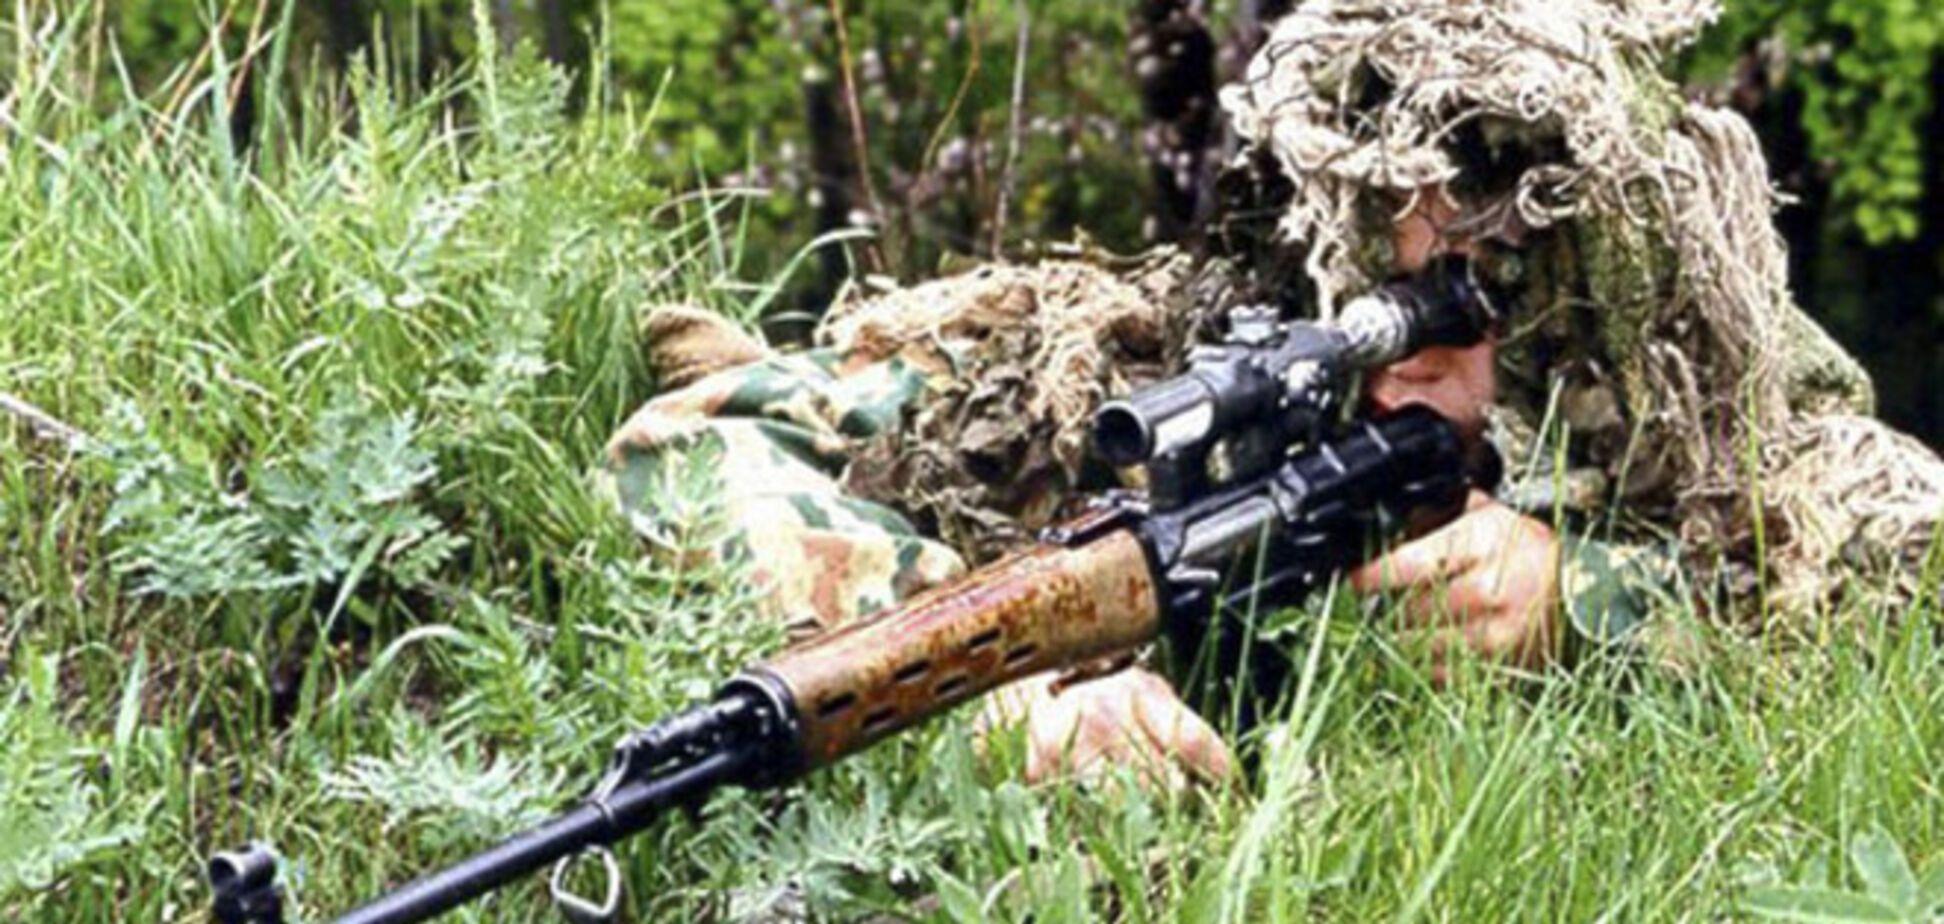 Снайпера террористов убили двоих бойцов 'Киевской Руси' возле Дебальцево – СМИ